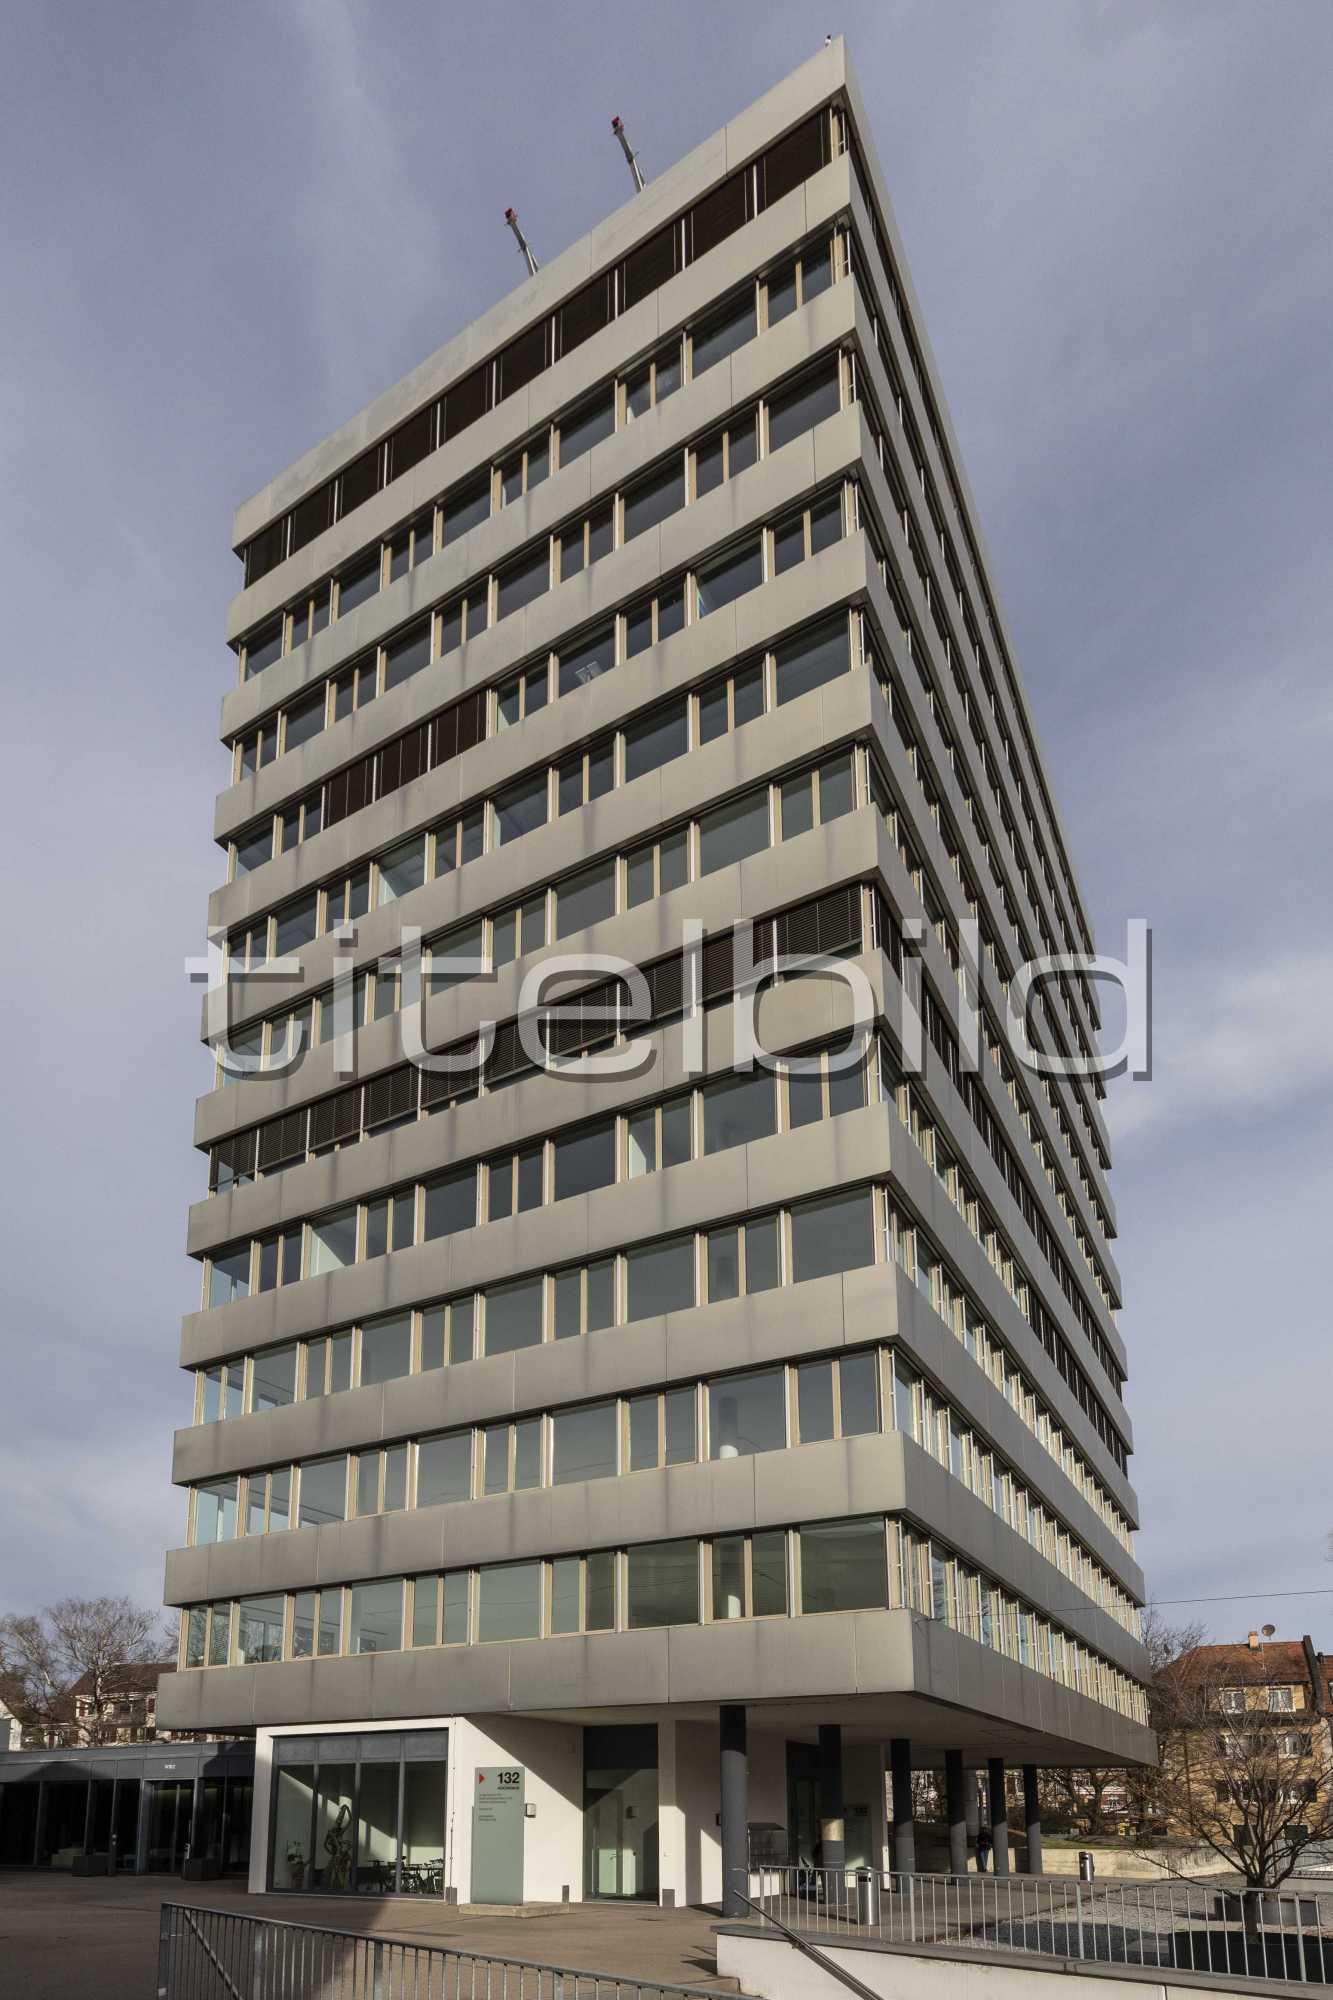 Projektbild-Nr. 3: Sanierung Hochhaus, Uetlibergstrasse 132, 8045 Zürich